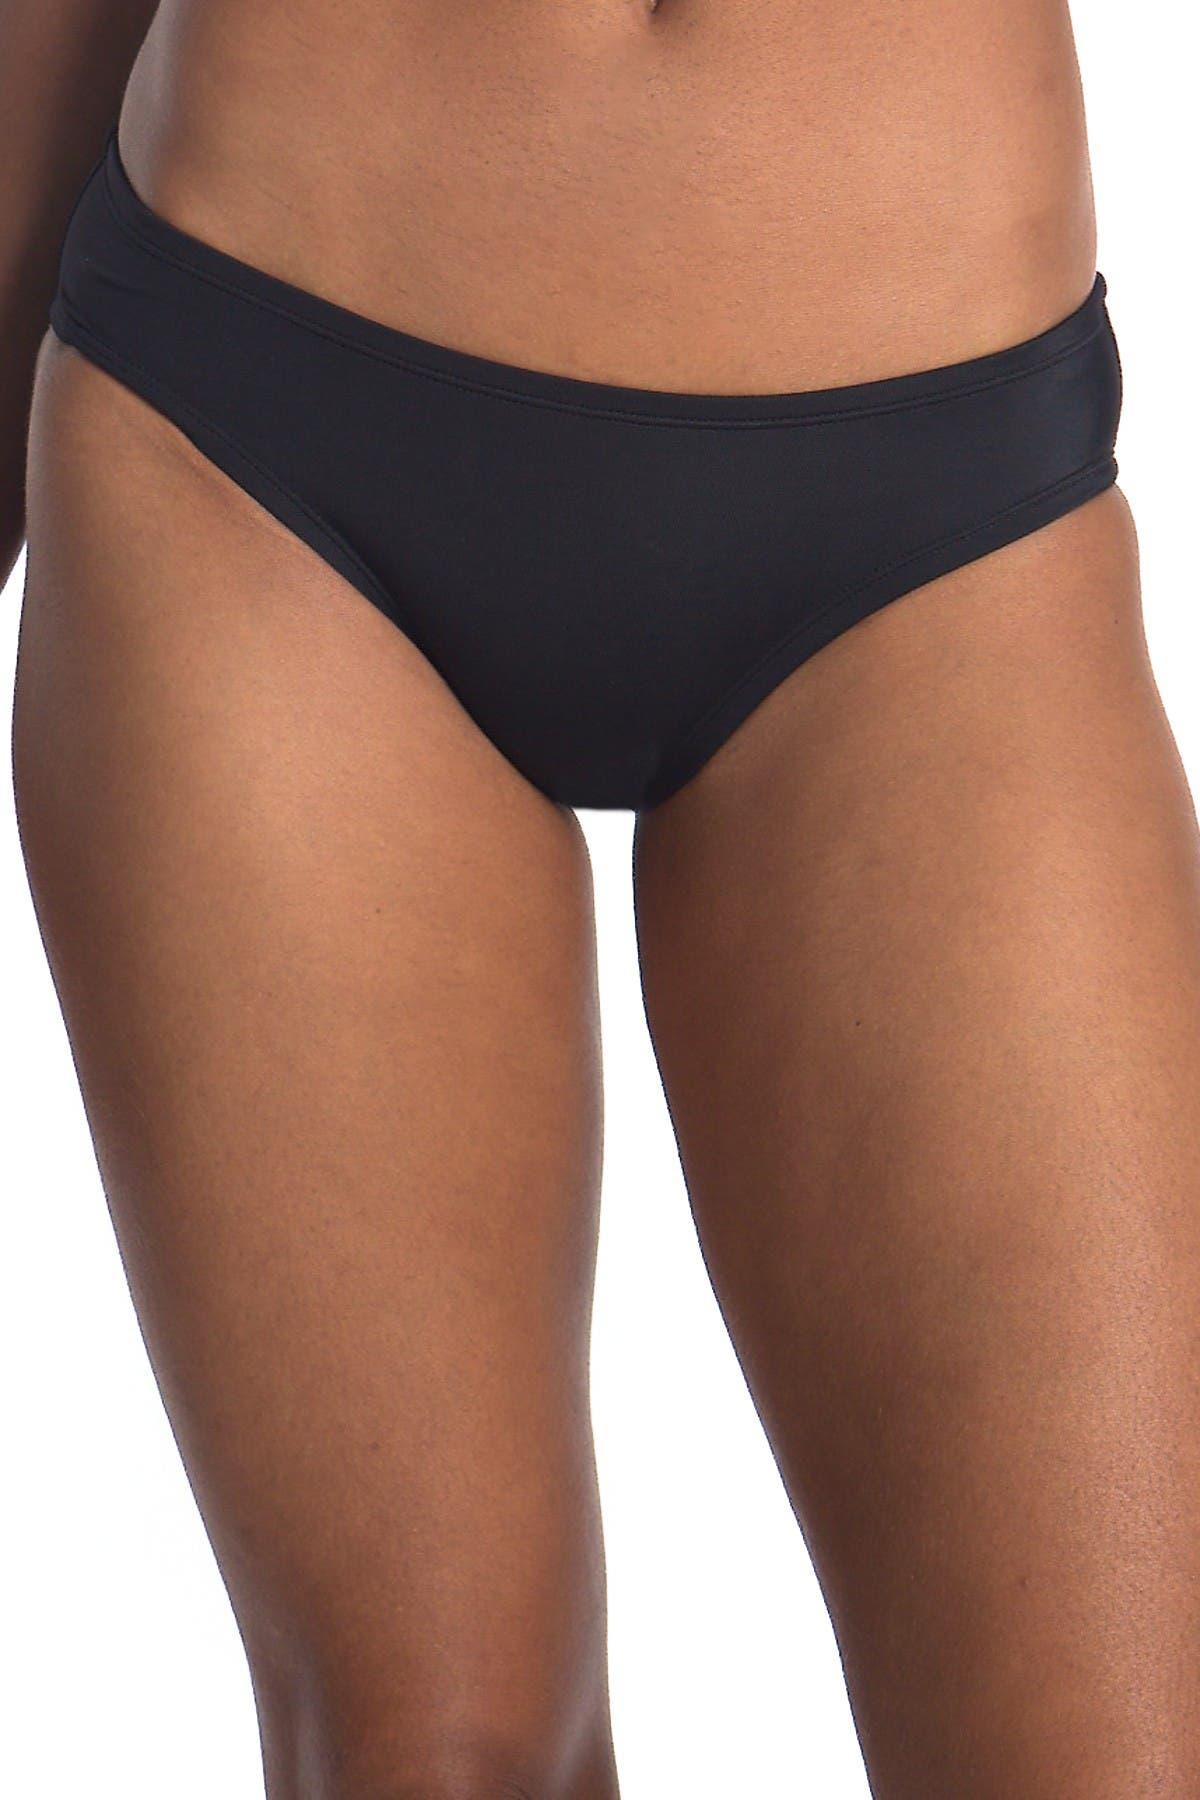 Image of Nike Solid Hipster Bikini Bottom